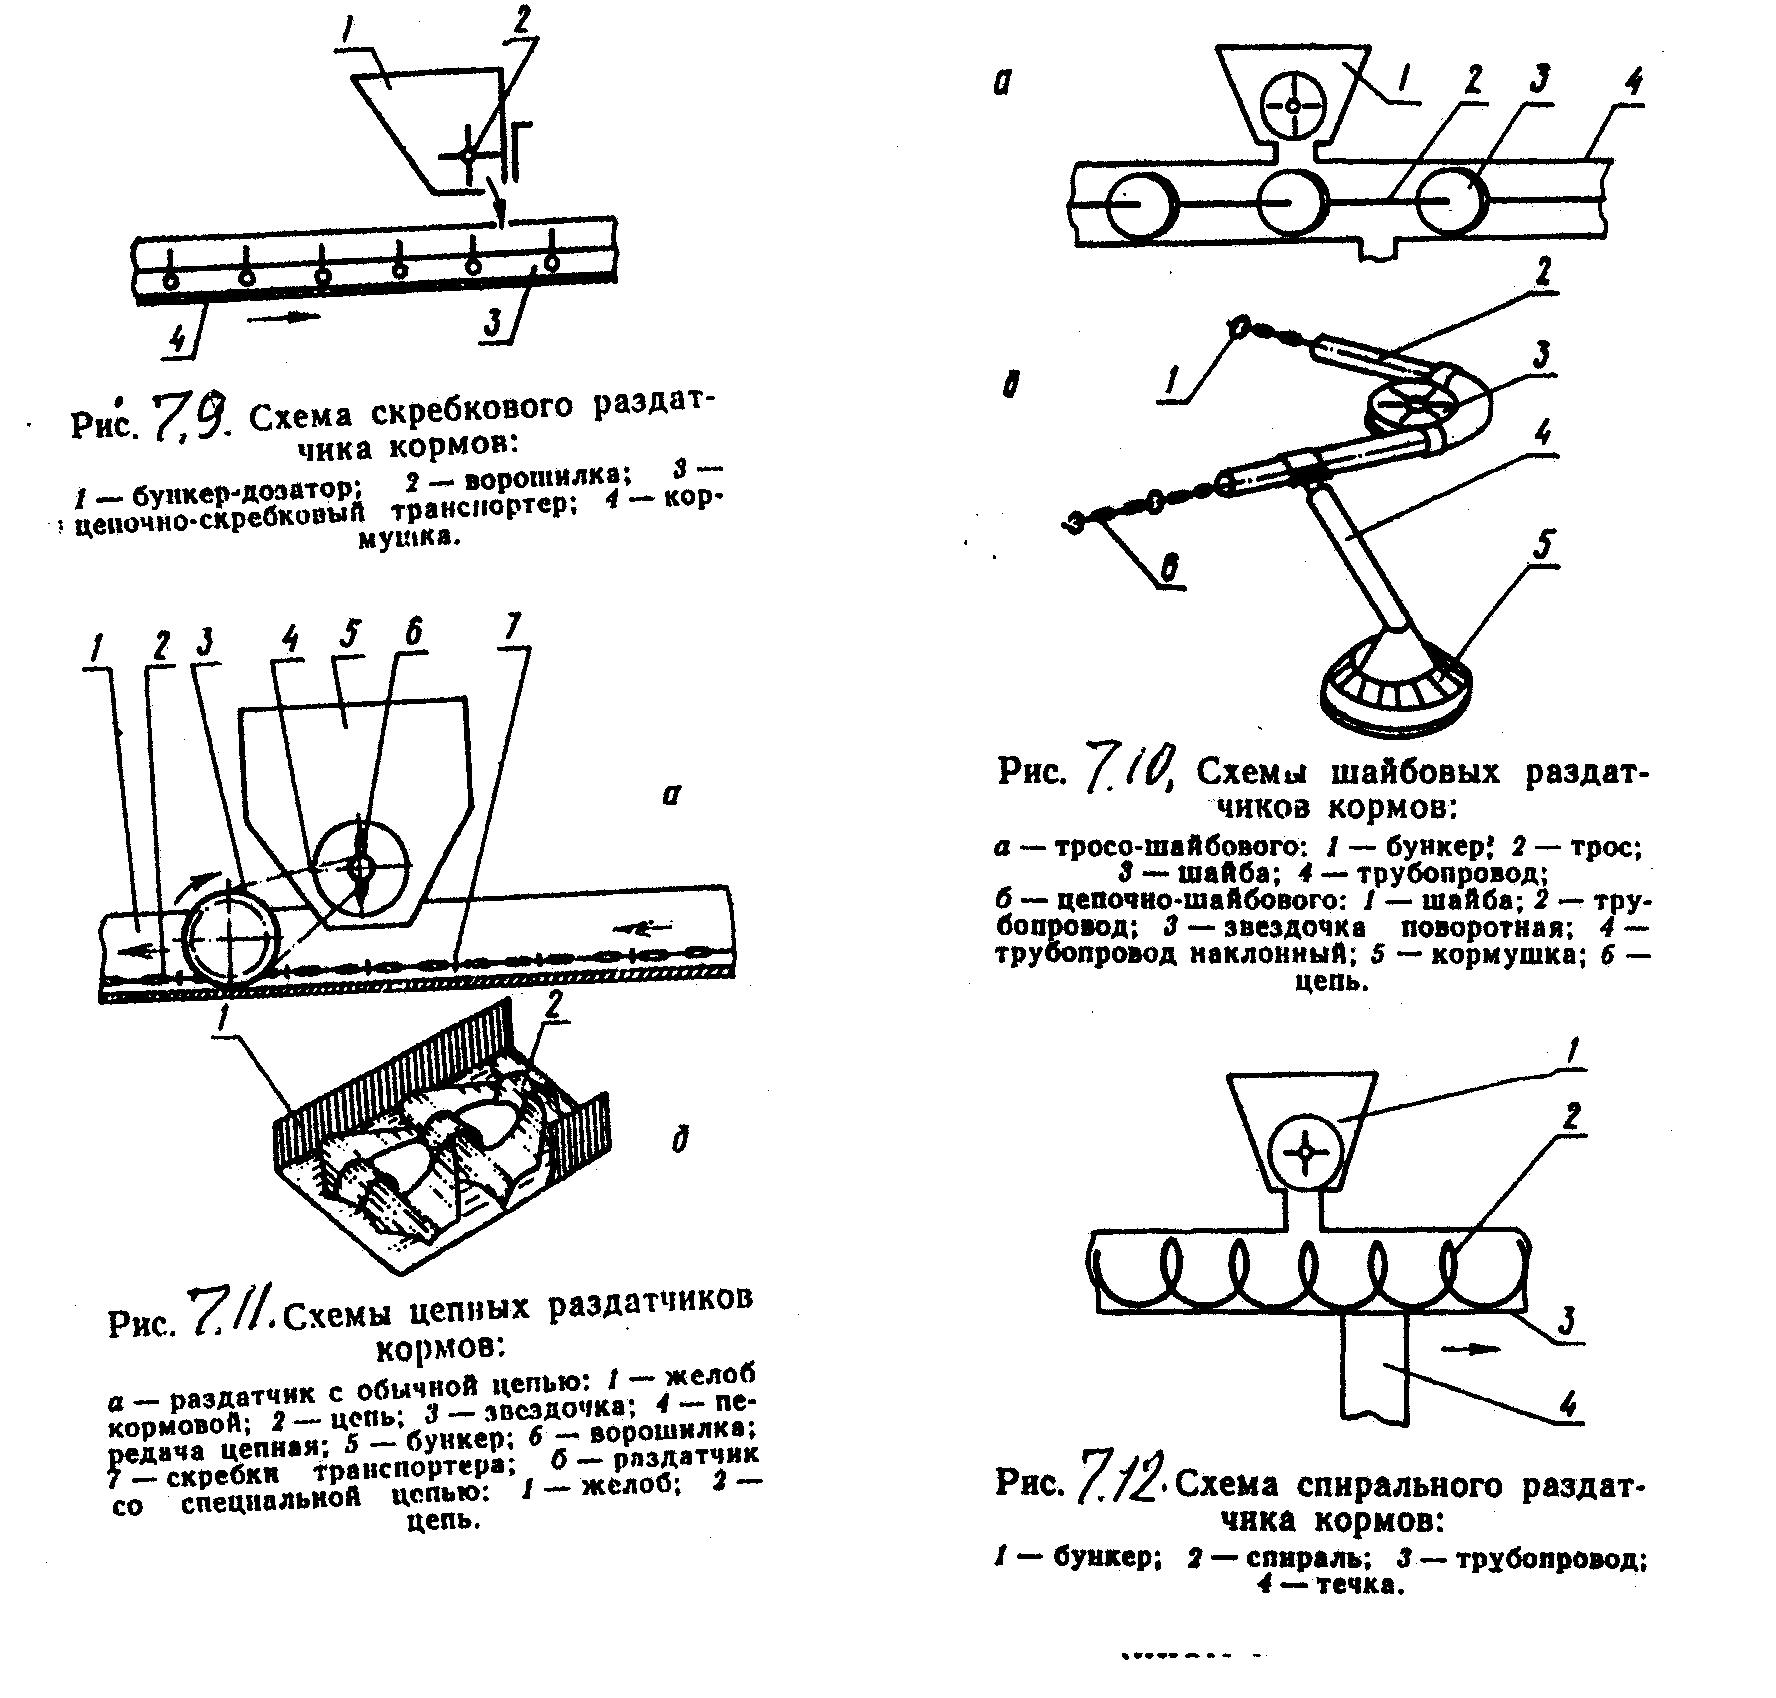 Цепочно шайбовый транспортер цепь на транспортер наклонной камеры